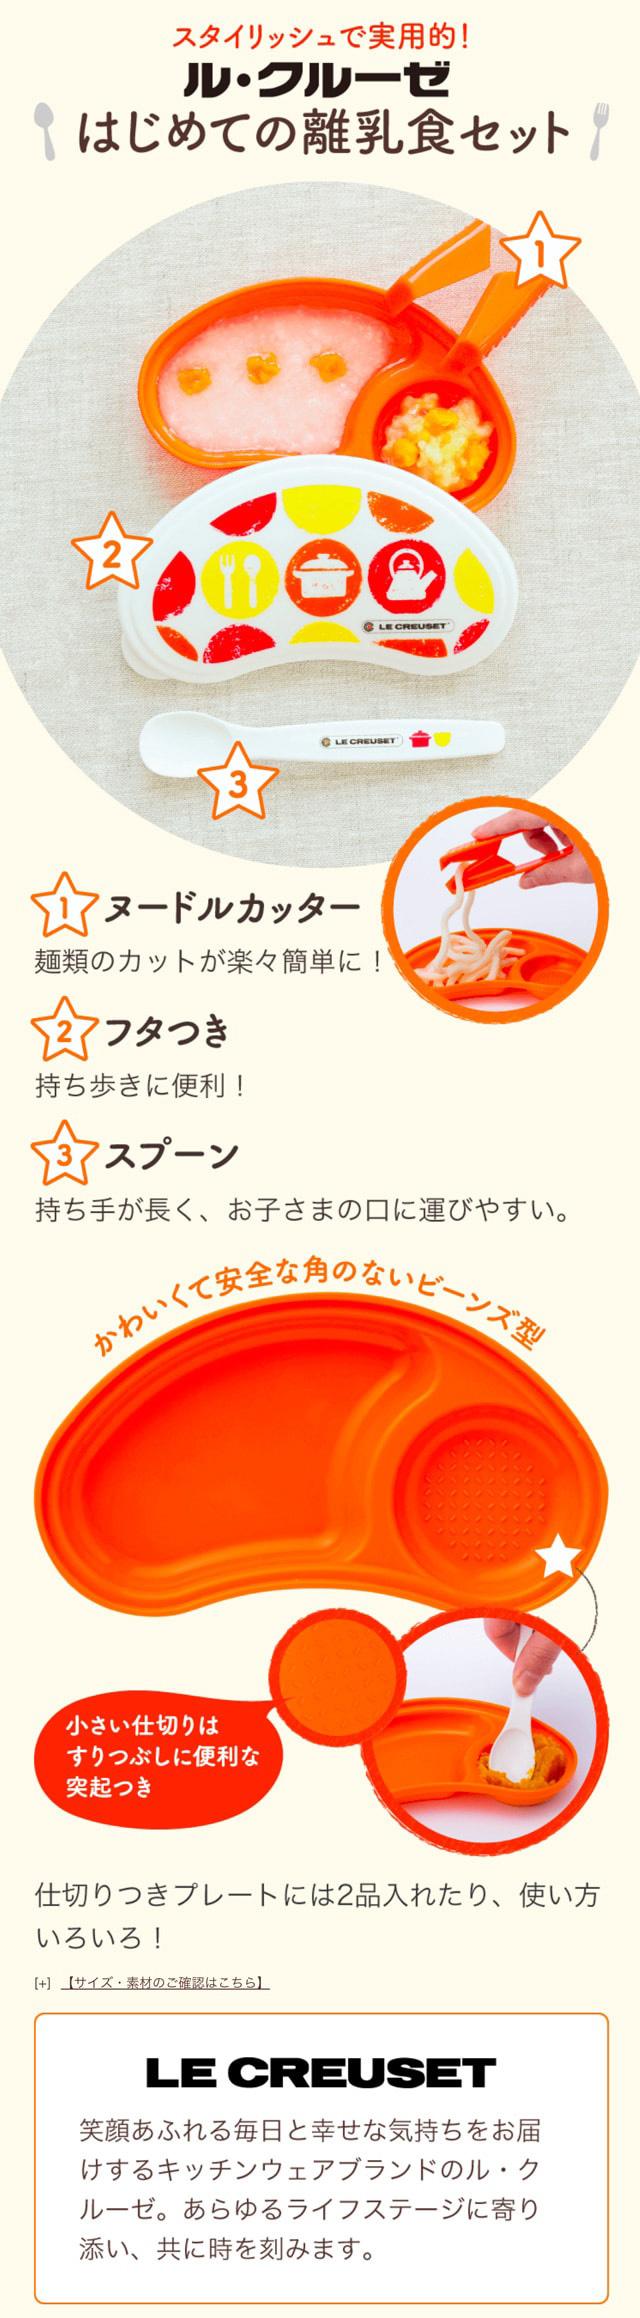 【PR】【資料請求でもれなくもらえる!】「ル・クルーゼの<はじめての離乳食セット>」